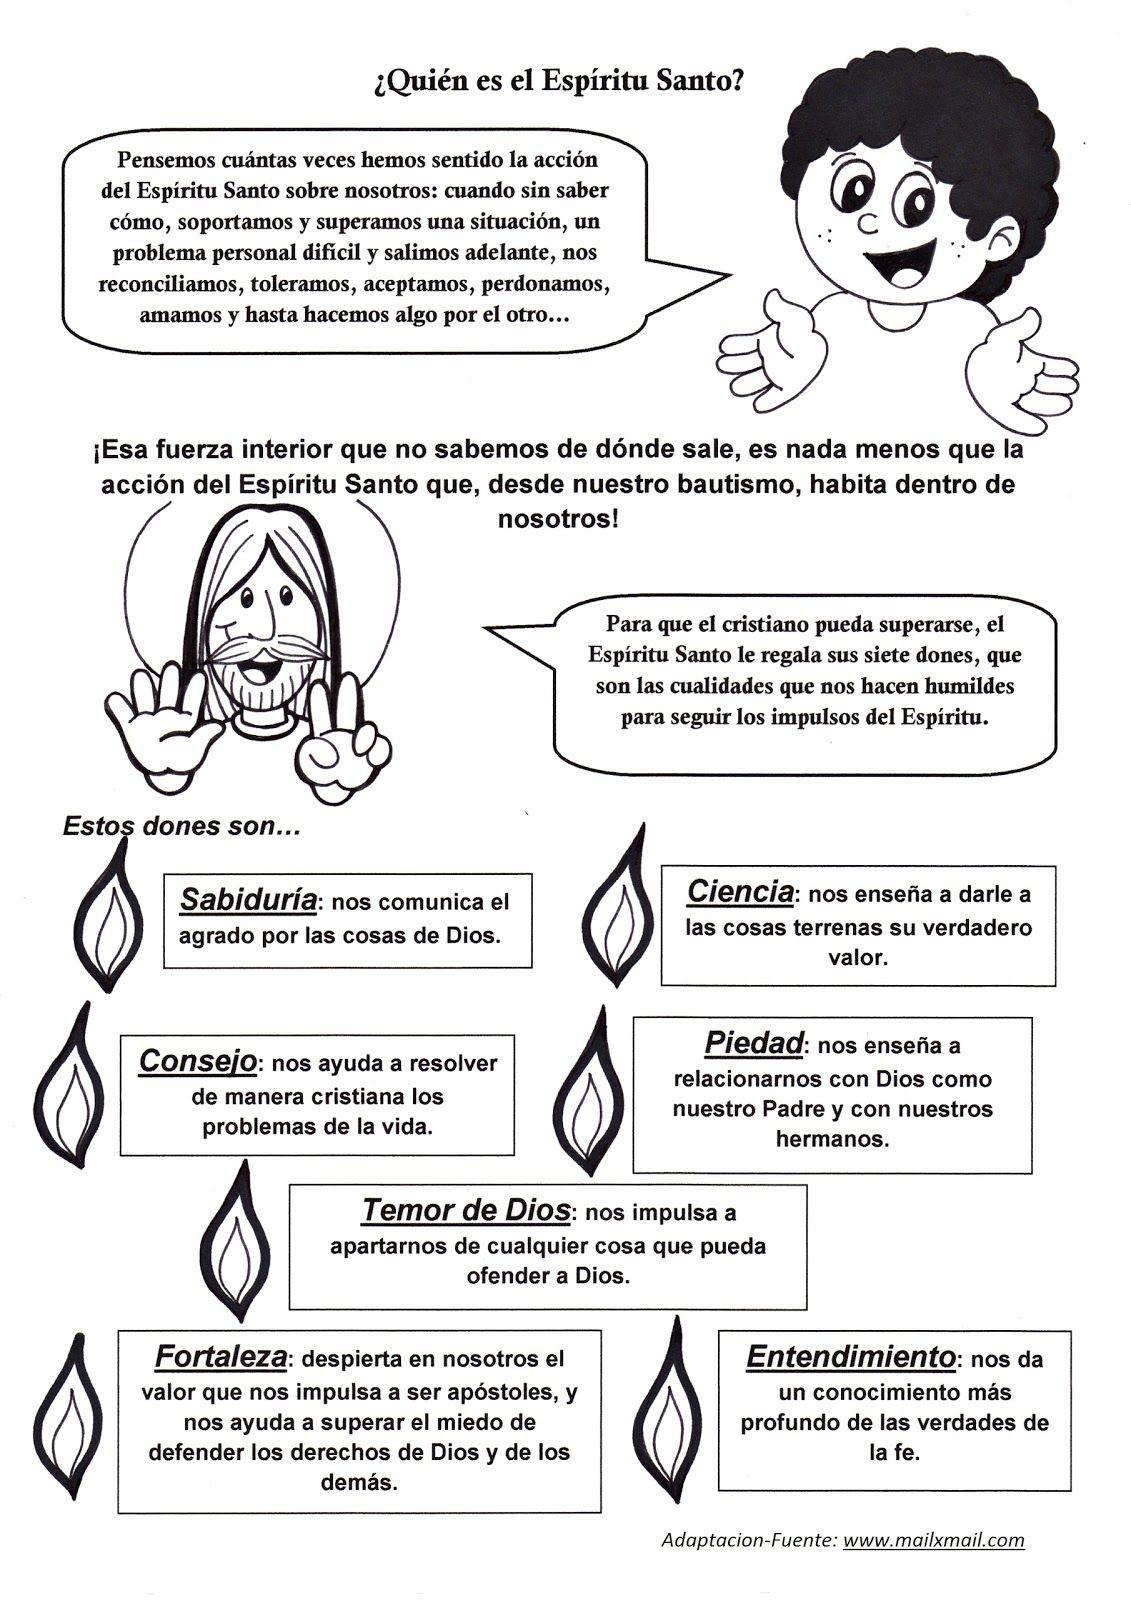 Pin de Nilda Olivencia en Religión | Pinterest | Catecismo ...